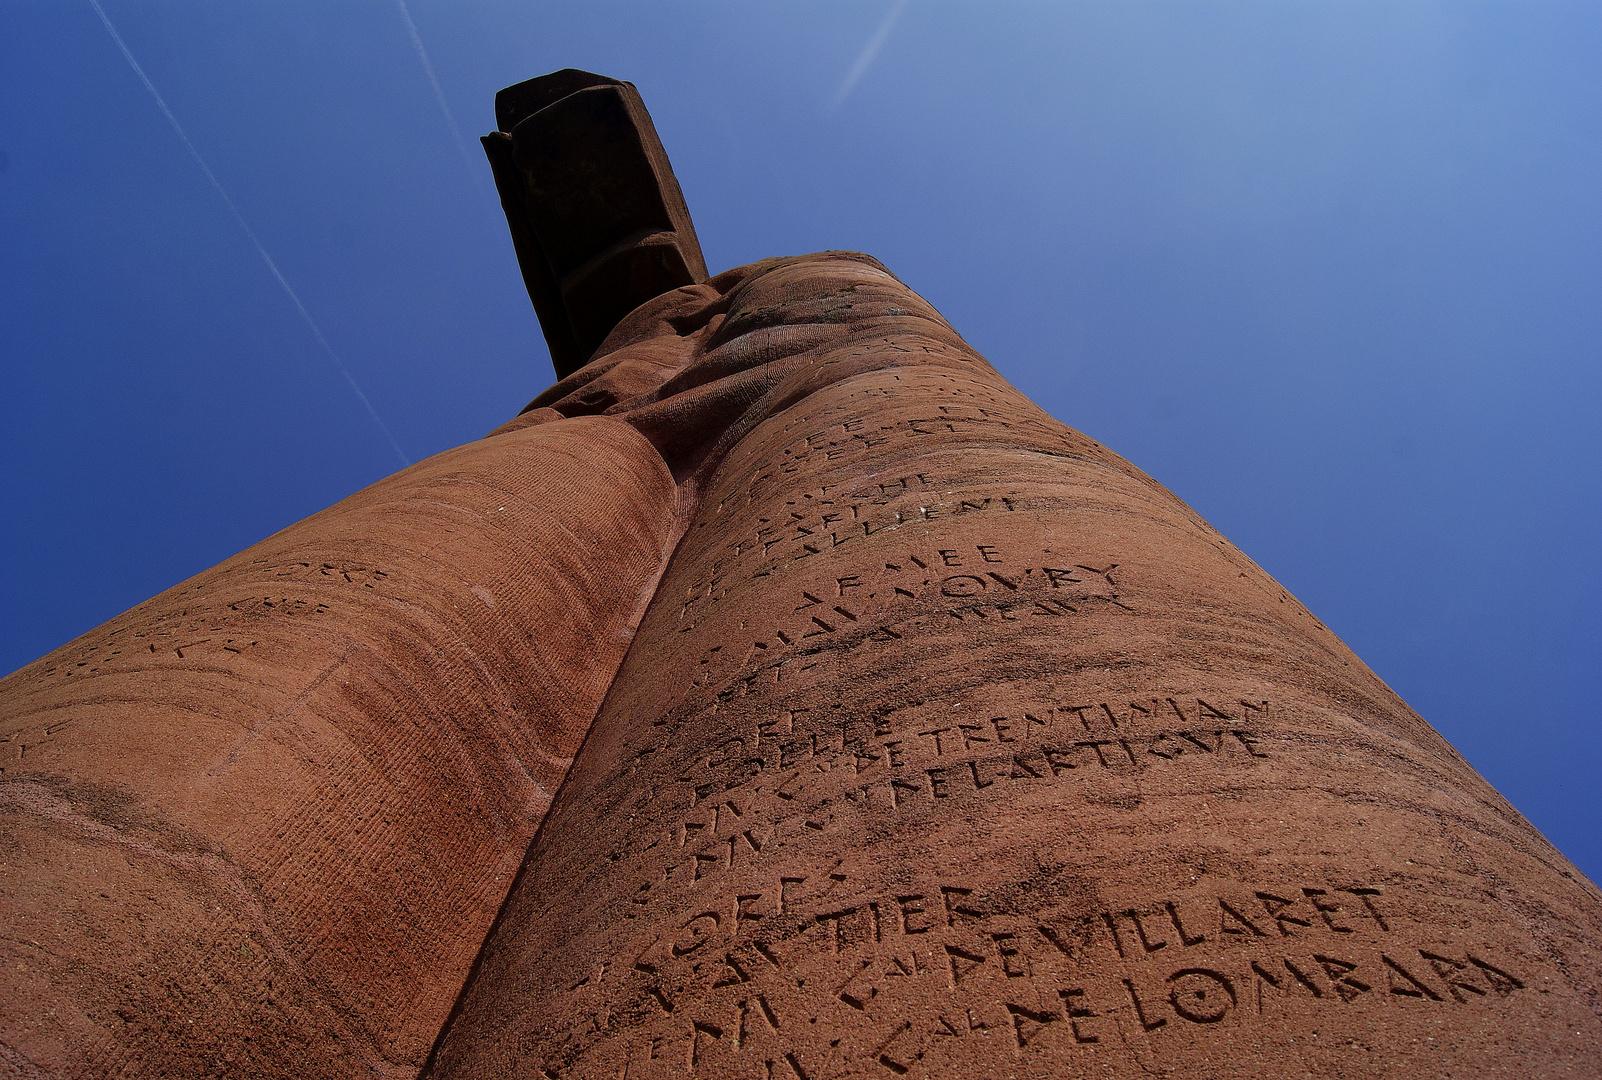 le monument de Mondement, Marne